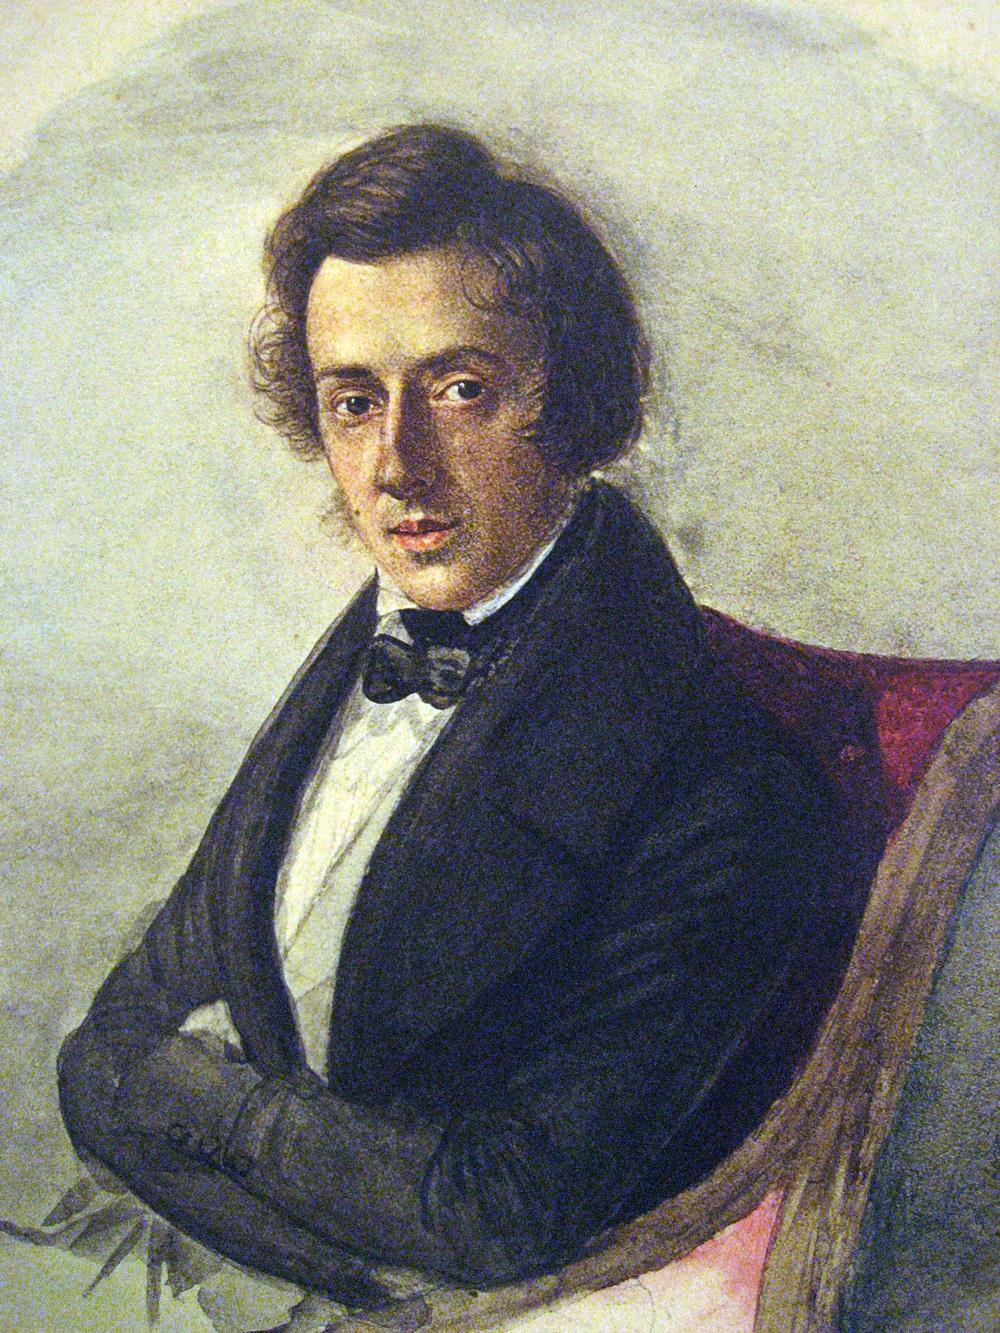 Portrait by Maria Wodzińska, 1835